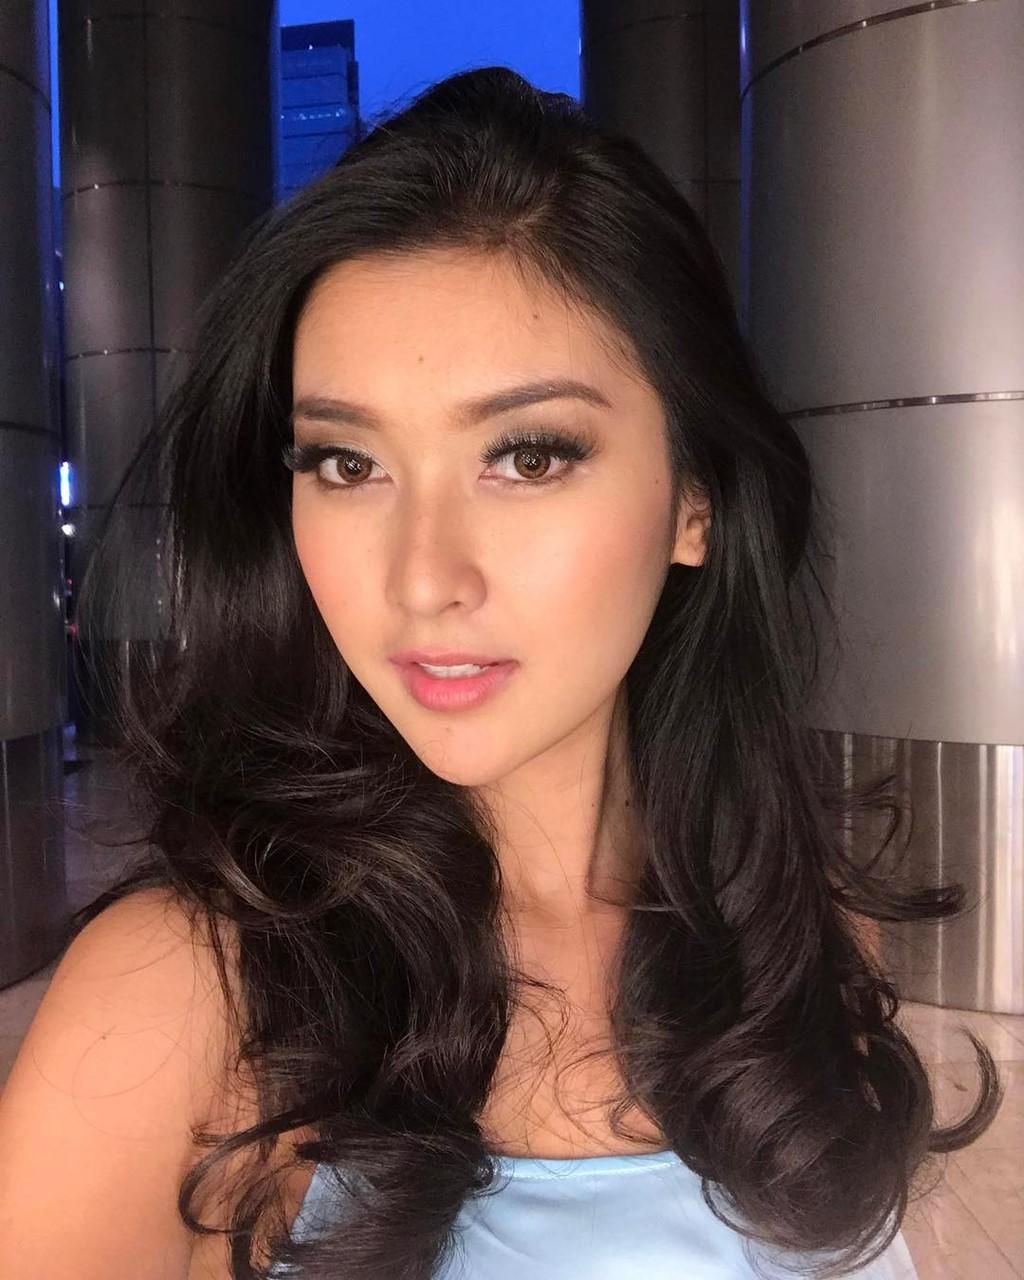 Hoa hậu của 6 cuộc thi lớn nhất thế giới năm 2017: Người đẹp tuyệt trần, kẻ thì bị chê là thảm họa - Ảnh 8.